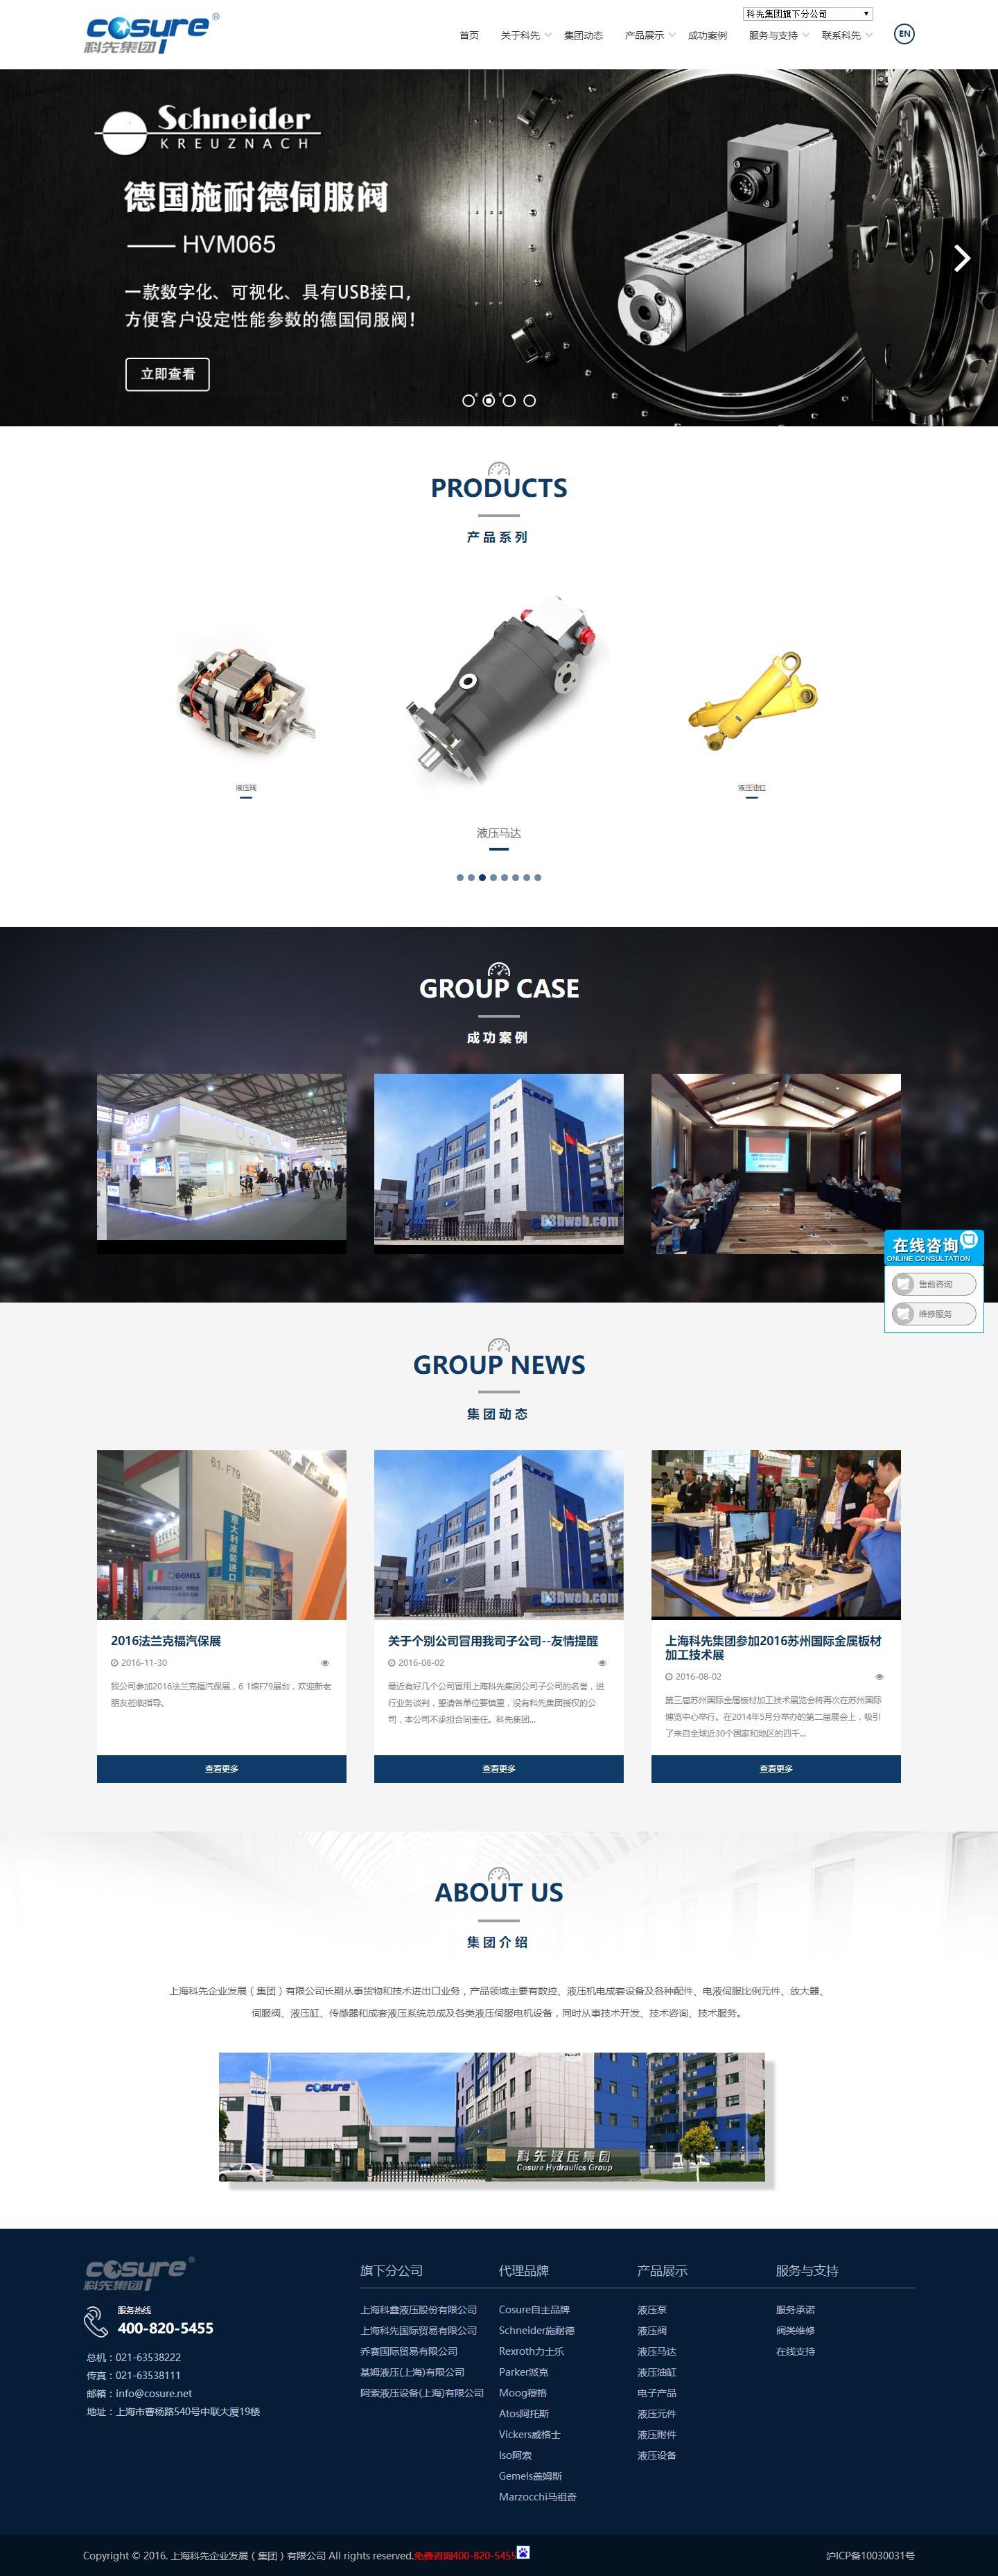 上海网站建设公司,上海软件开发公司